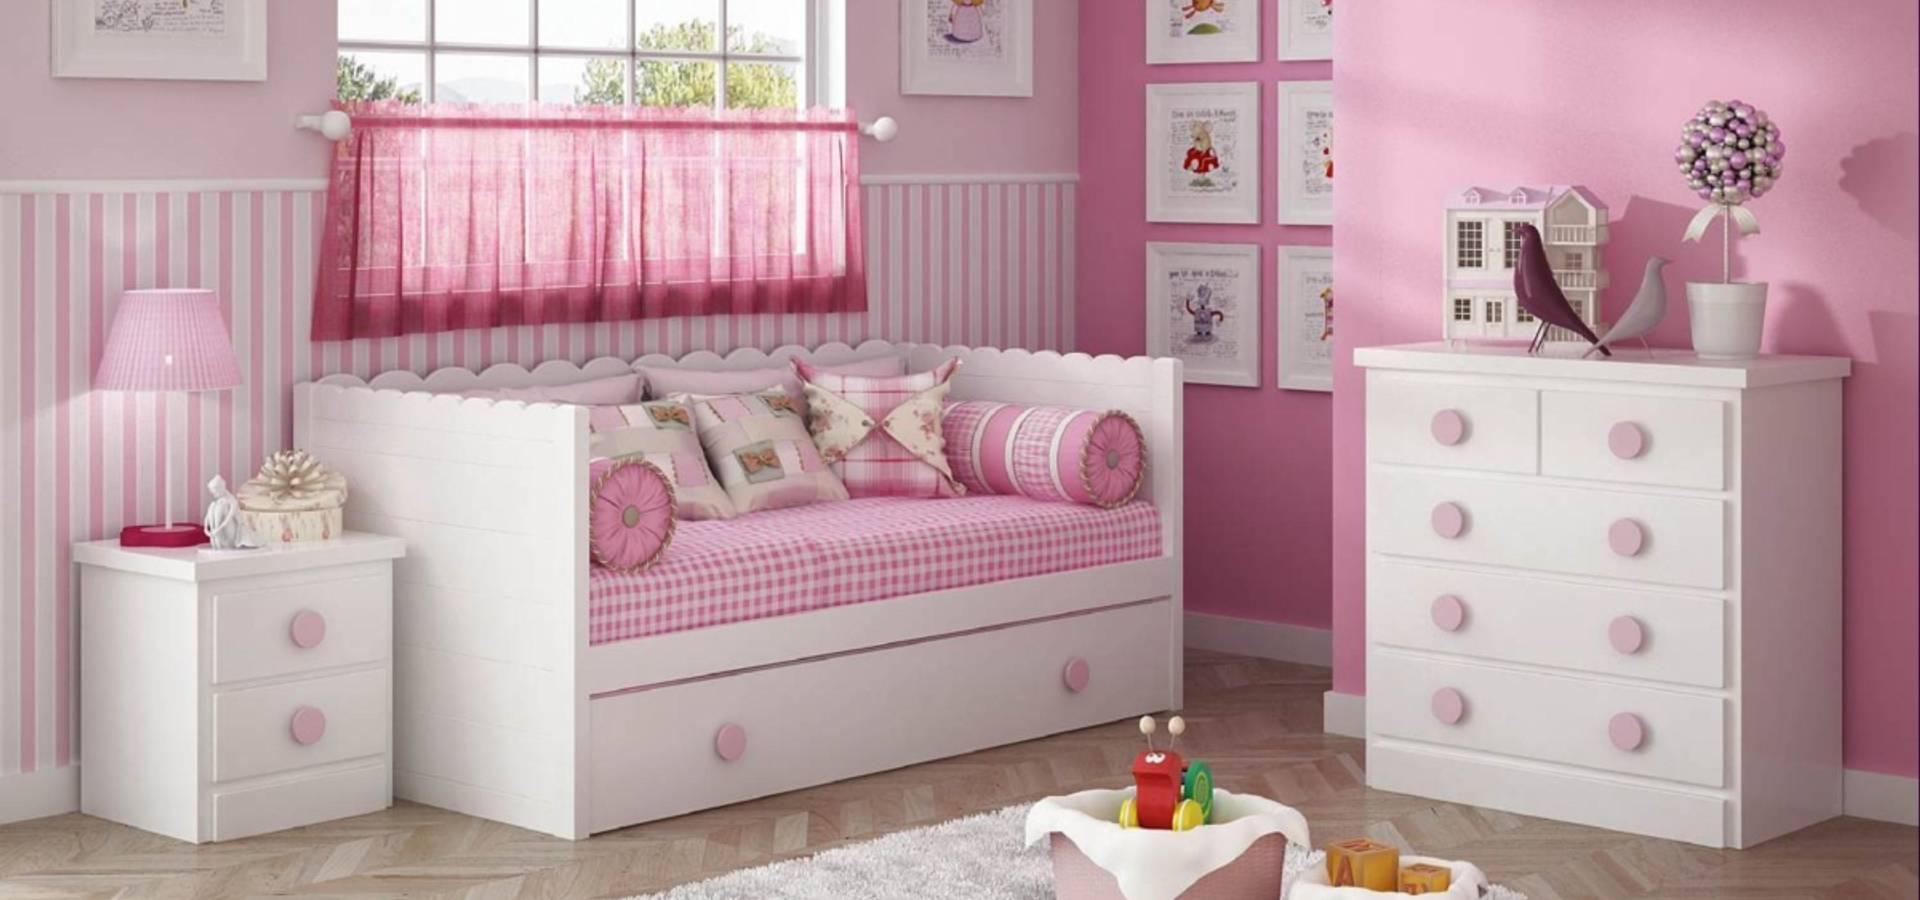 Cama Nido Para Dormitorios Infantiles Por Muebles Noel